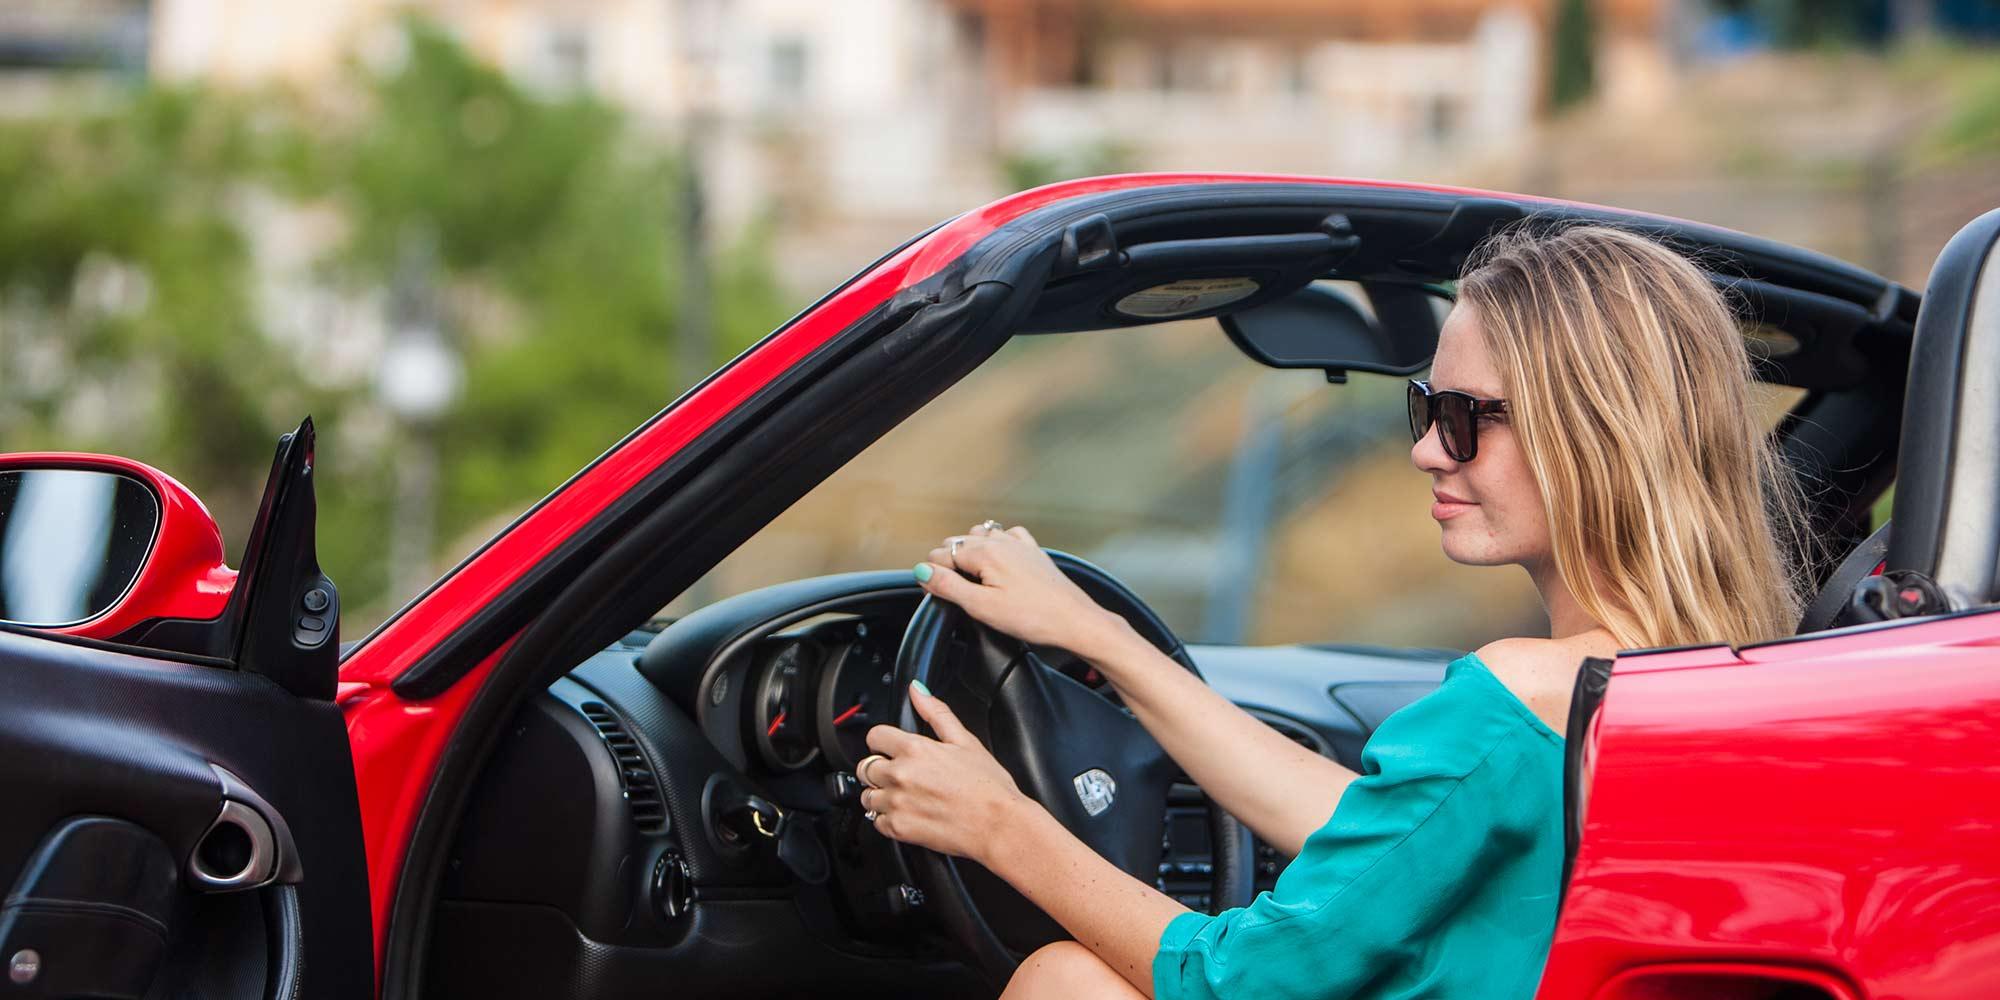 Прокат автомобилей и аренда машин в Австрии